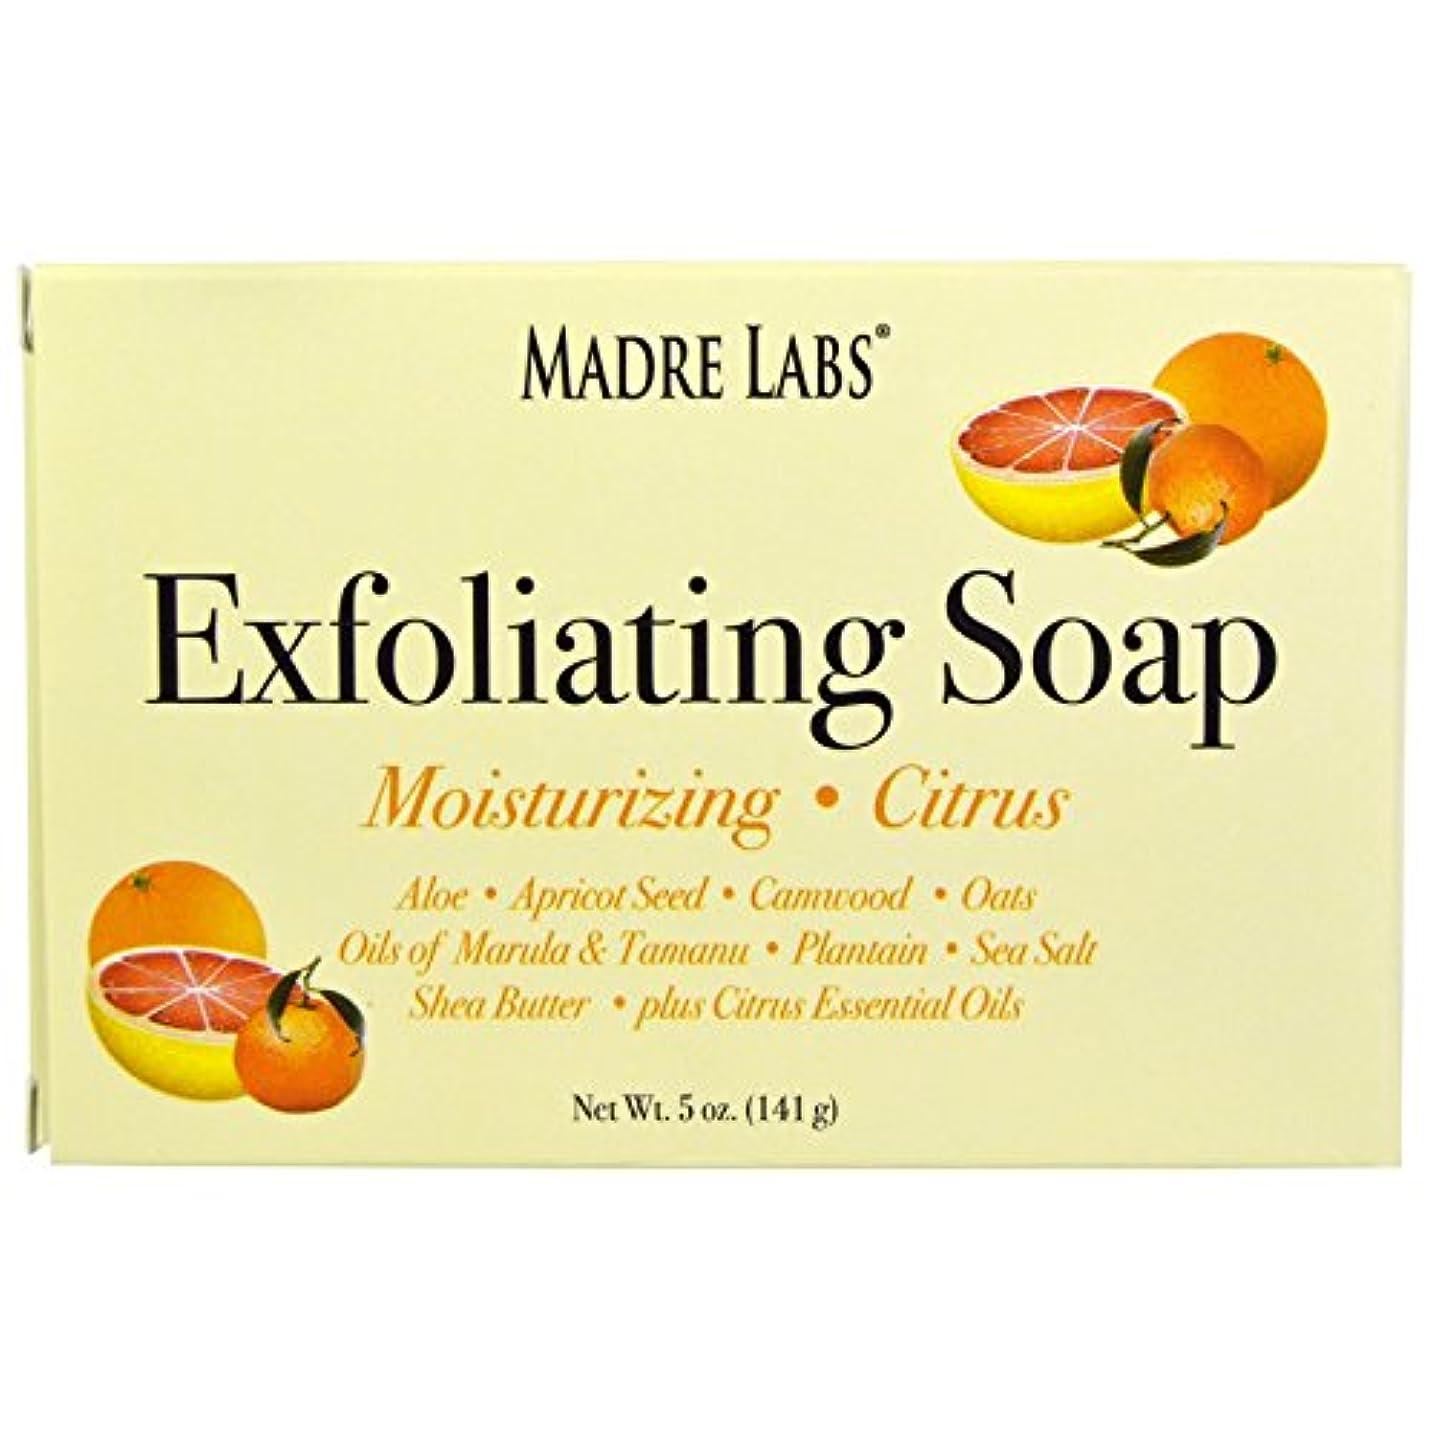 マドレラブ シアバター入り石鹸 柑橘フレーバー Madre Labs Exfoliating Soap Bar with Marula & Tamanu Oils plus Shea Butter